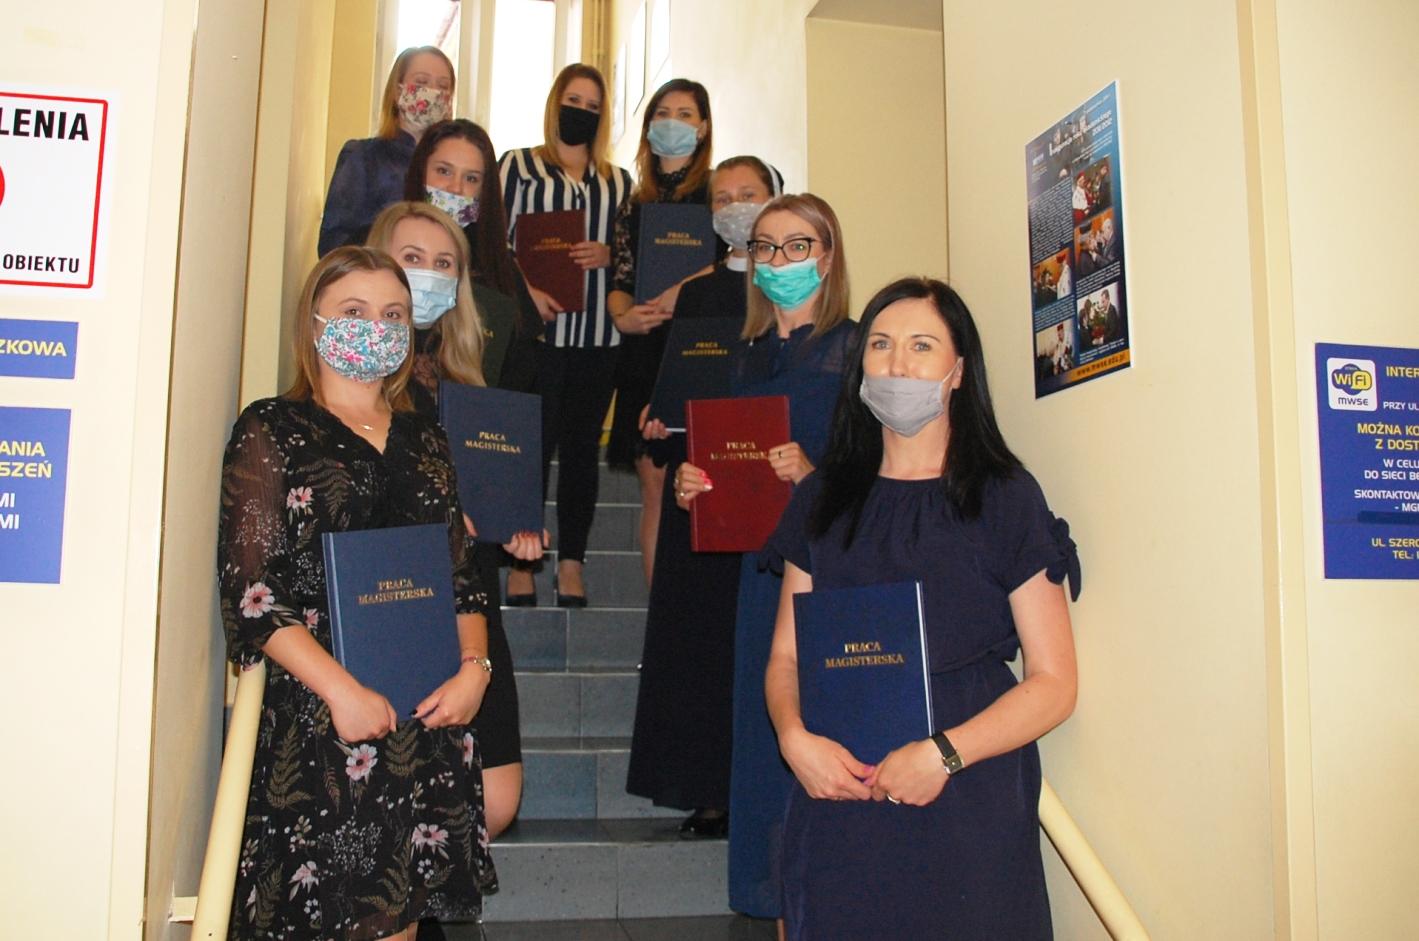 Grupa studentów pozuje z pracami dyplomowymi na schodach budynku przy Szerokiej 9